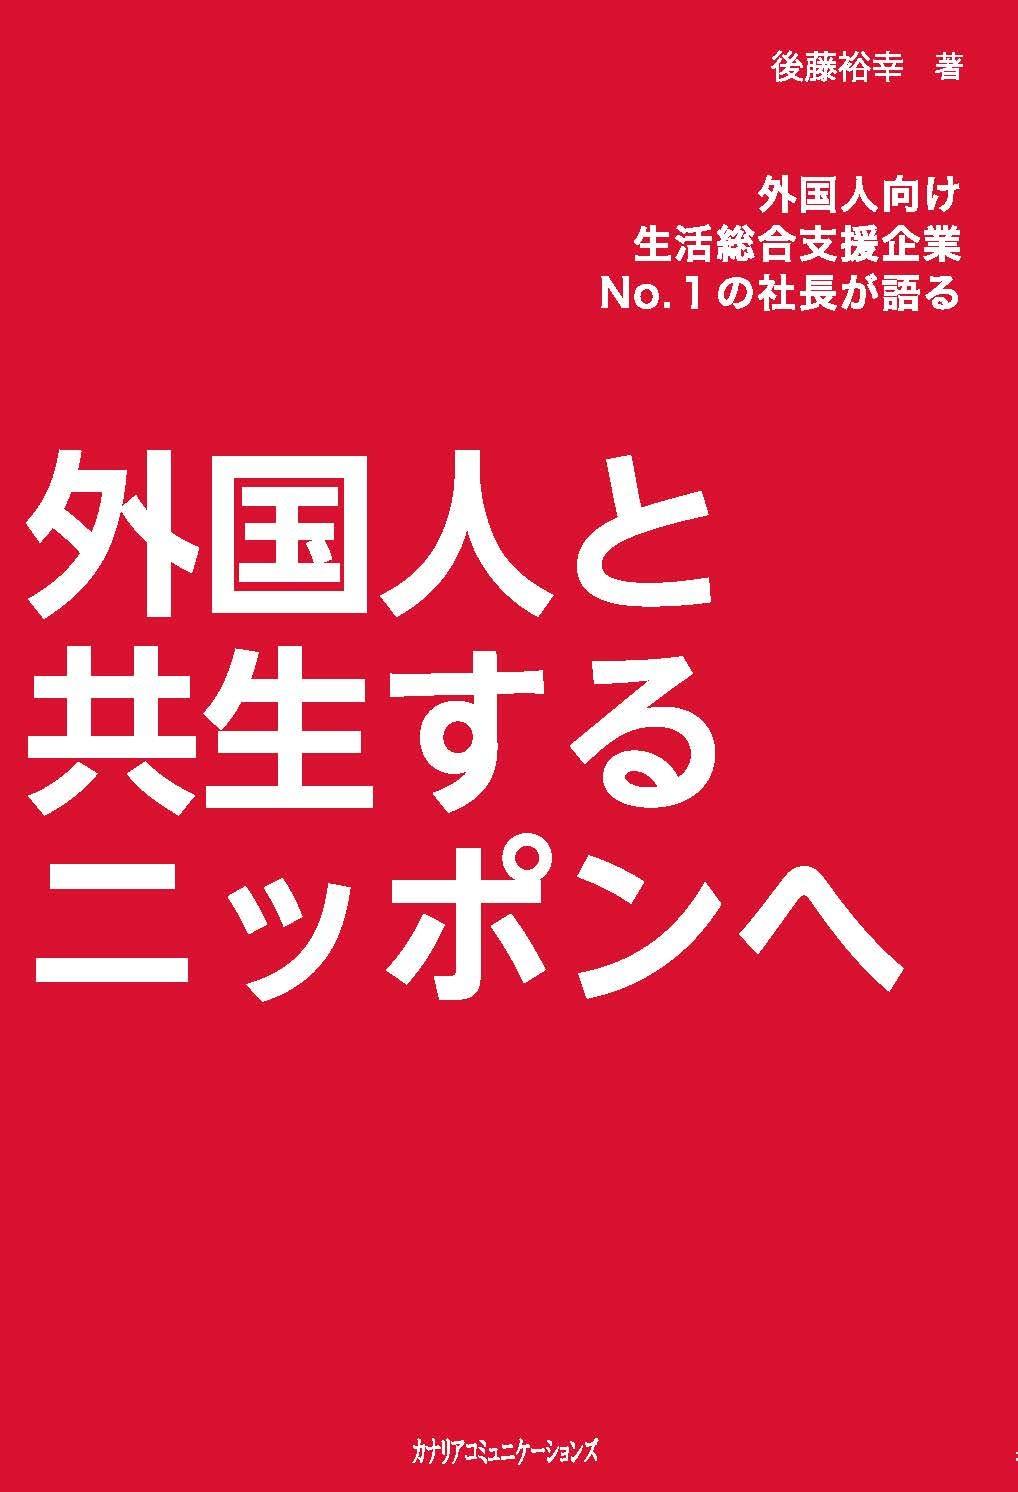 売れ筋トップ10_6